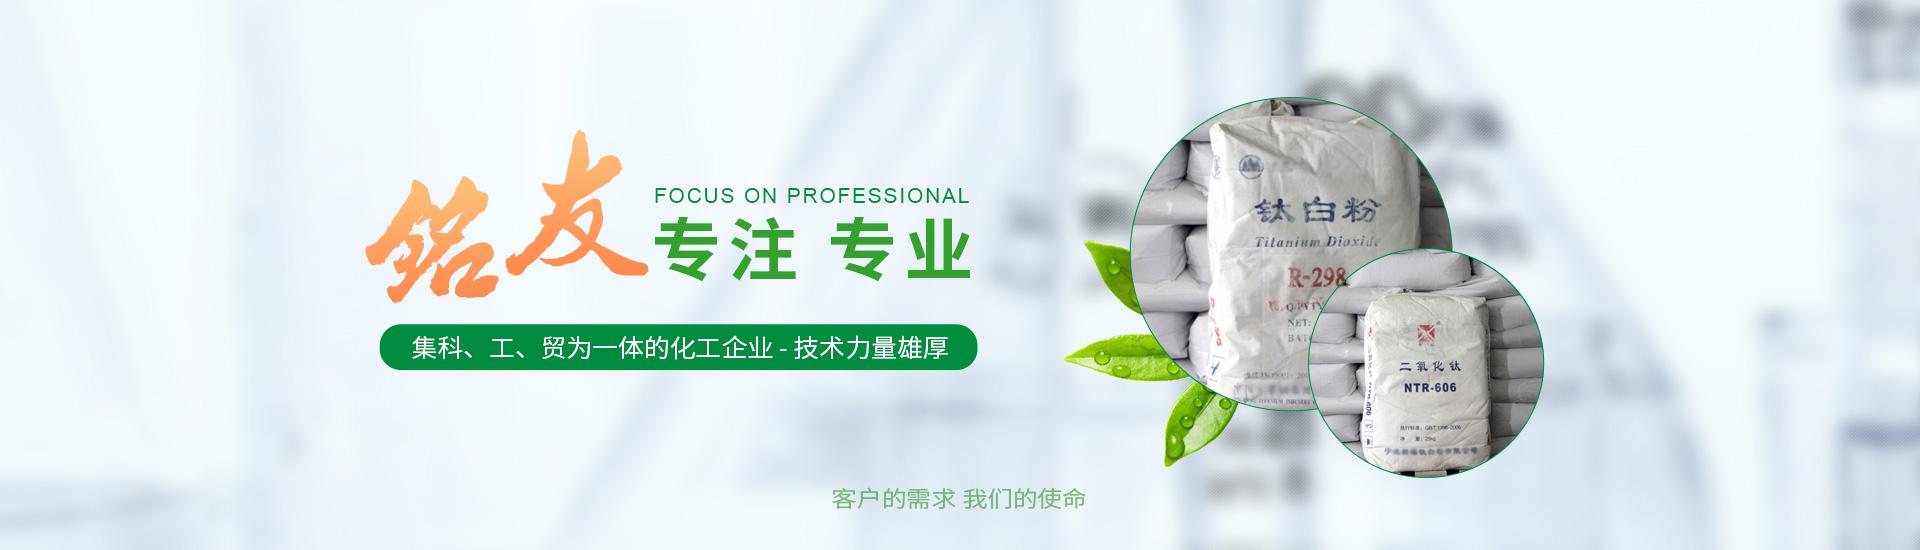 上海铭友化工有限公司